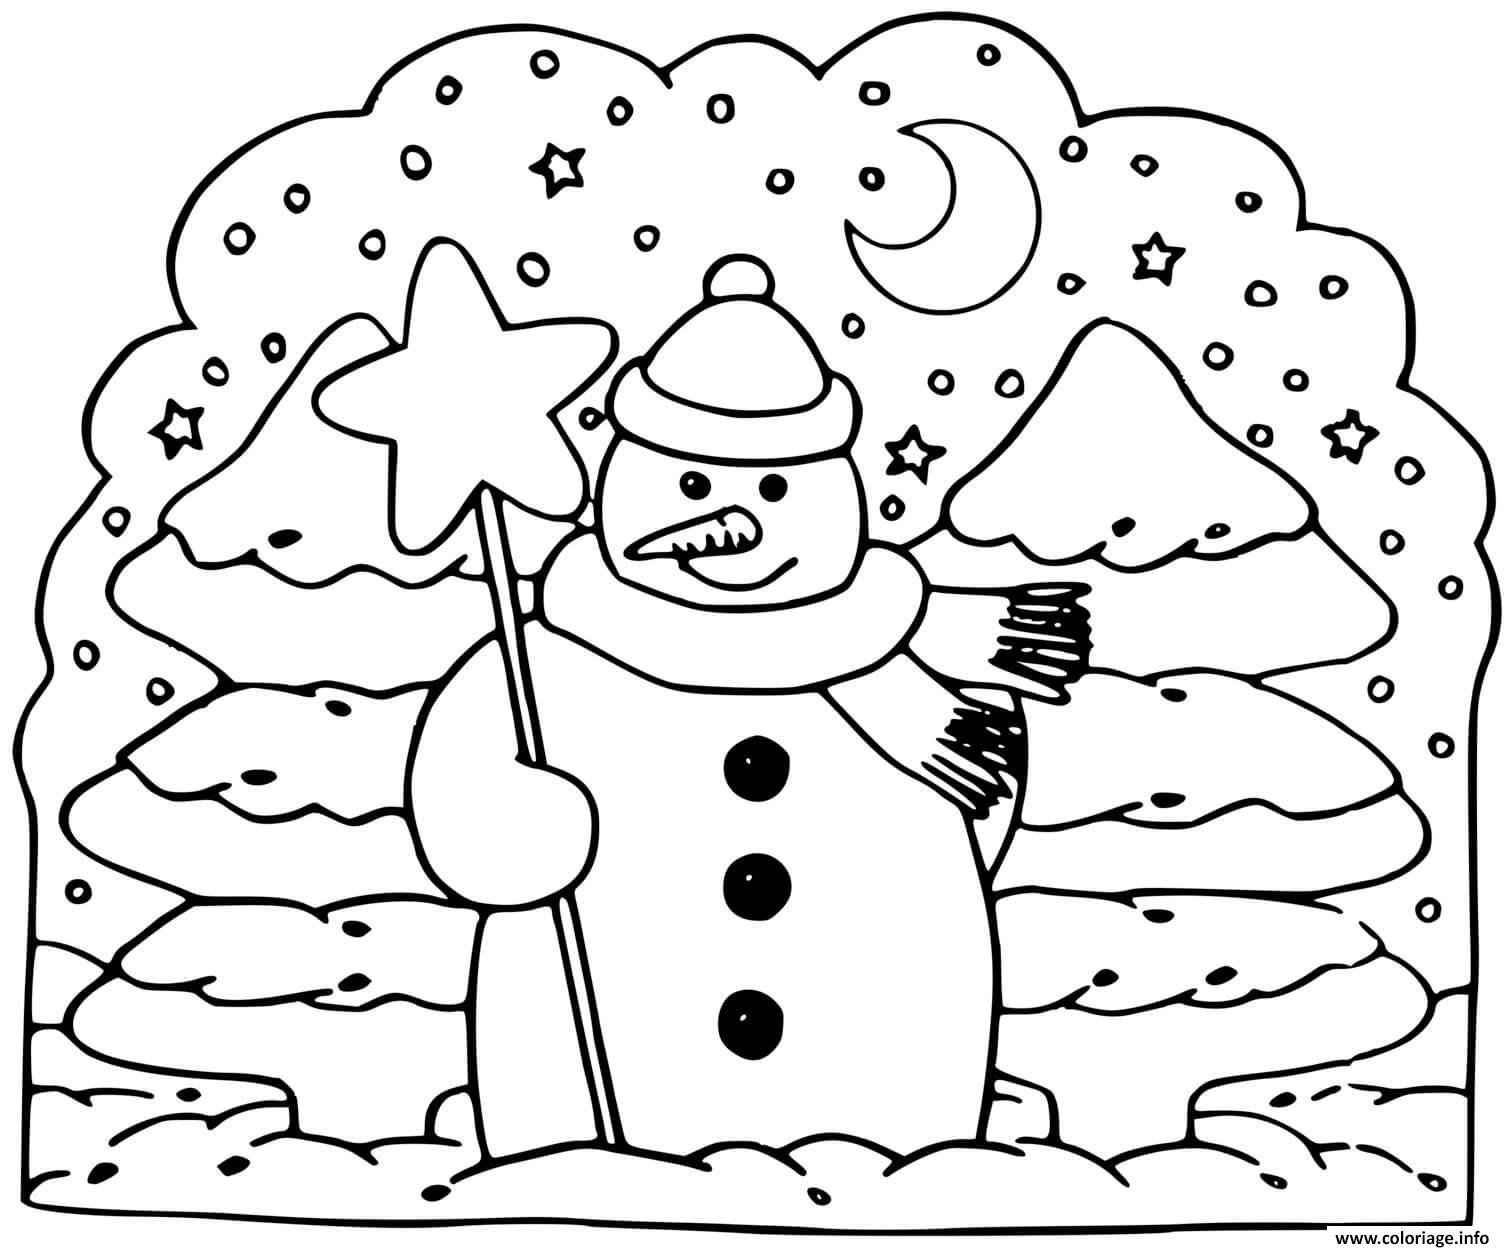 Dessin bonhomme de neige sapin hiver Coloriage Gratuit à Imprimer